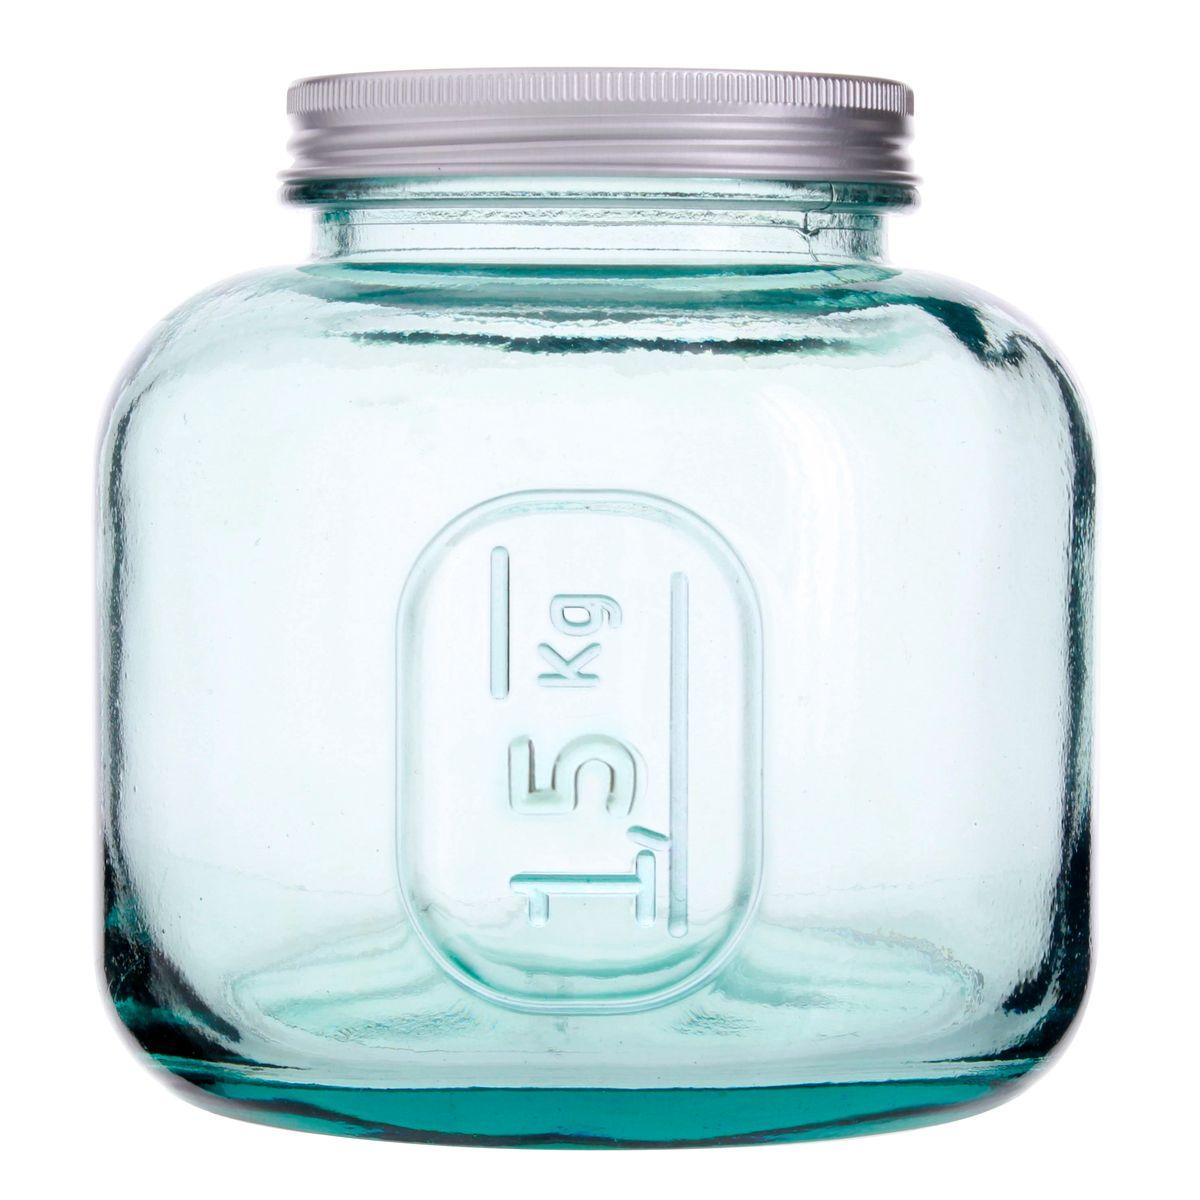 Boîte de conservation en verre recyclé 1.5 L - Vidrios